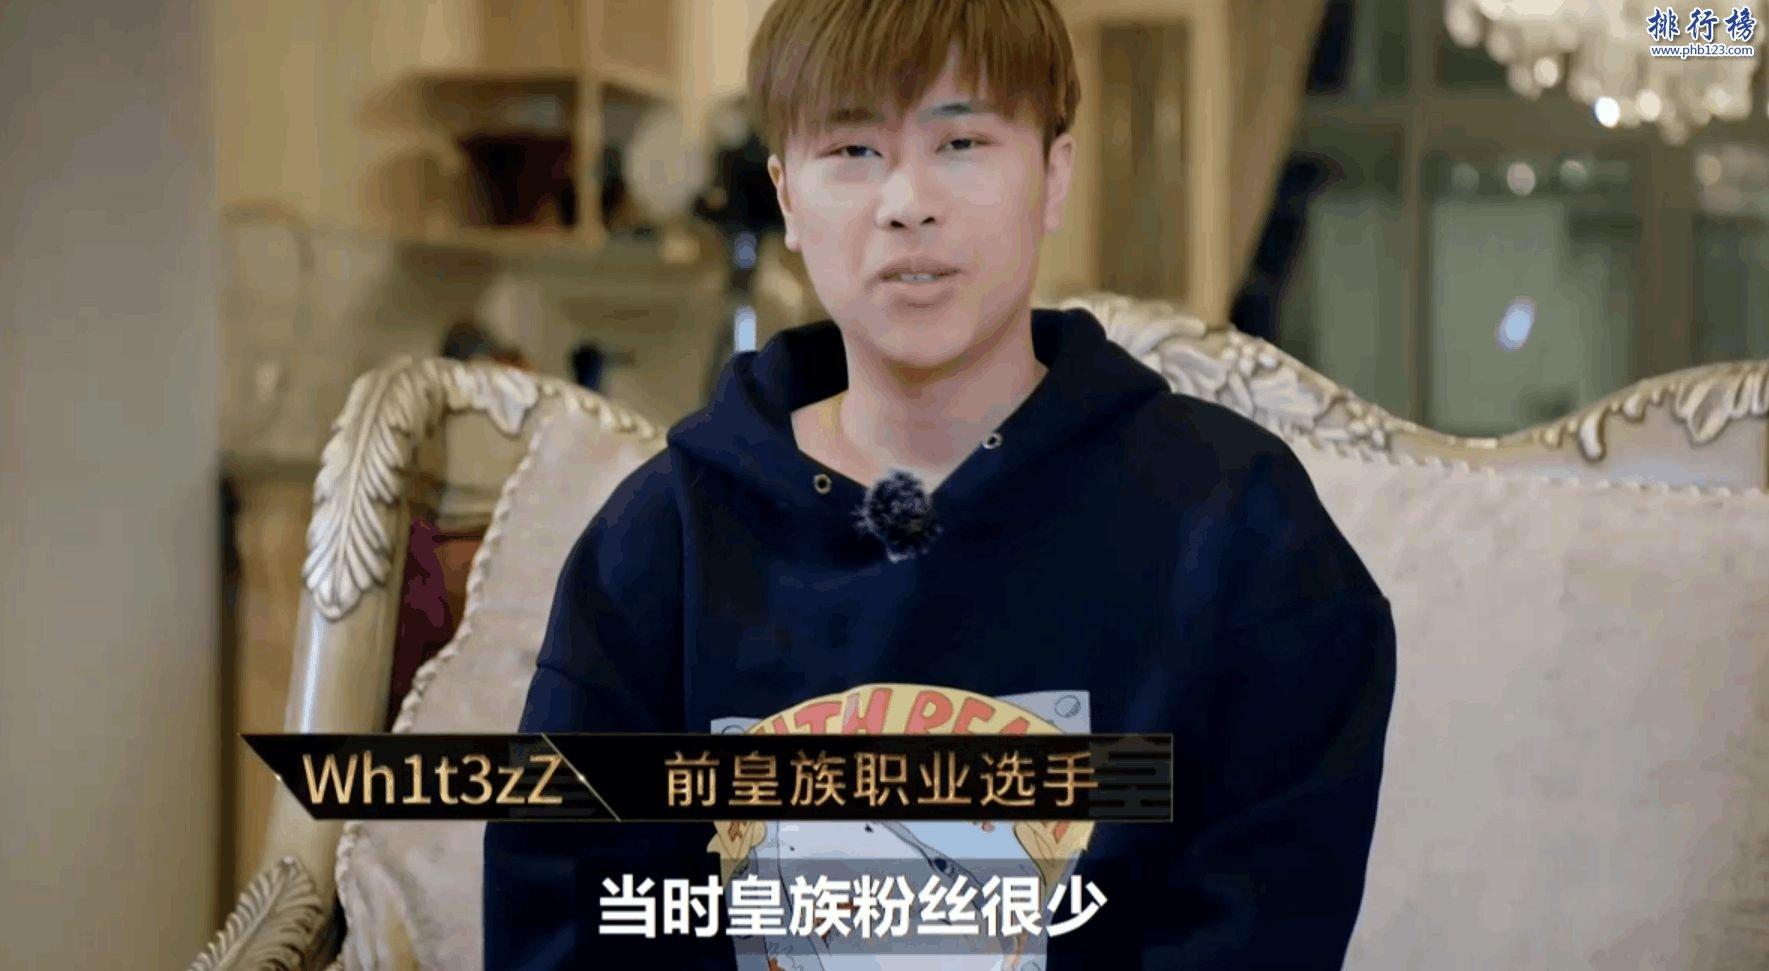 斗鱼主播钱柜娱乐777官方网站首页2018 2018斗鱼主播人气排名